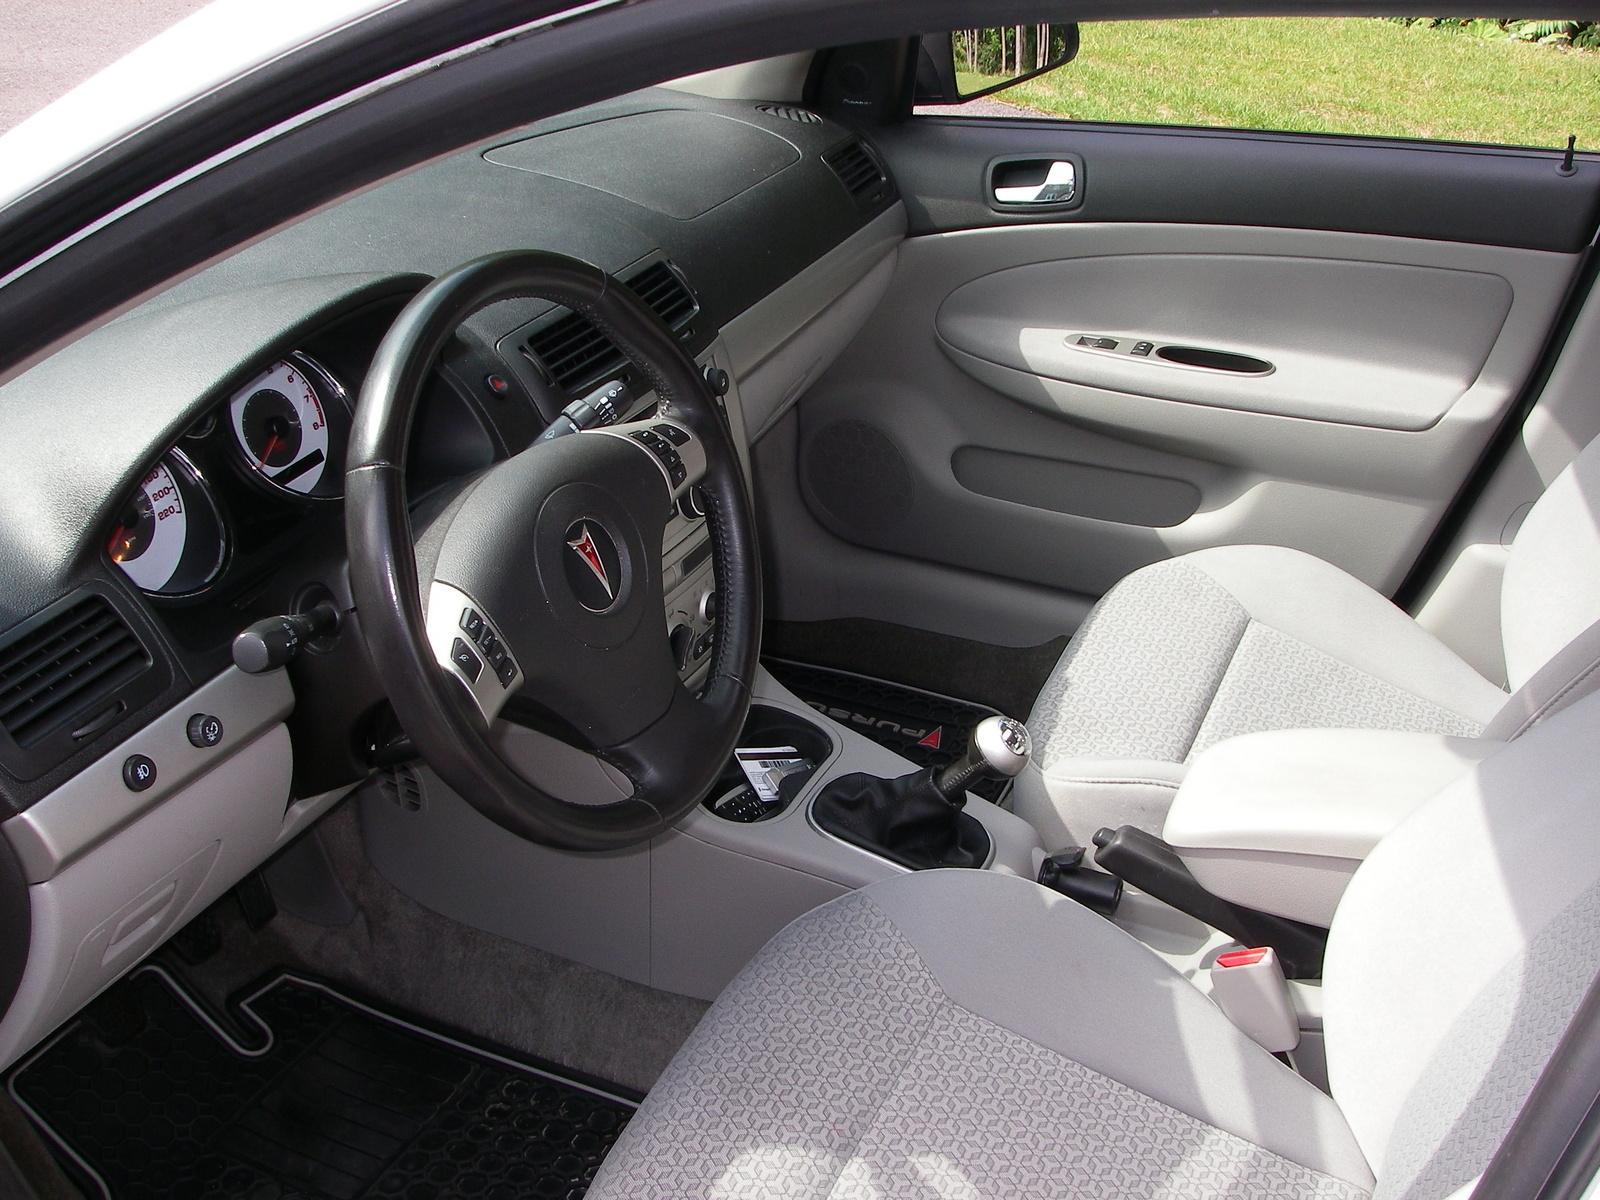 2008 Pontiac G5 - Interior Pictures